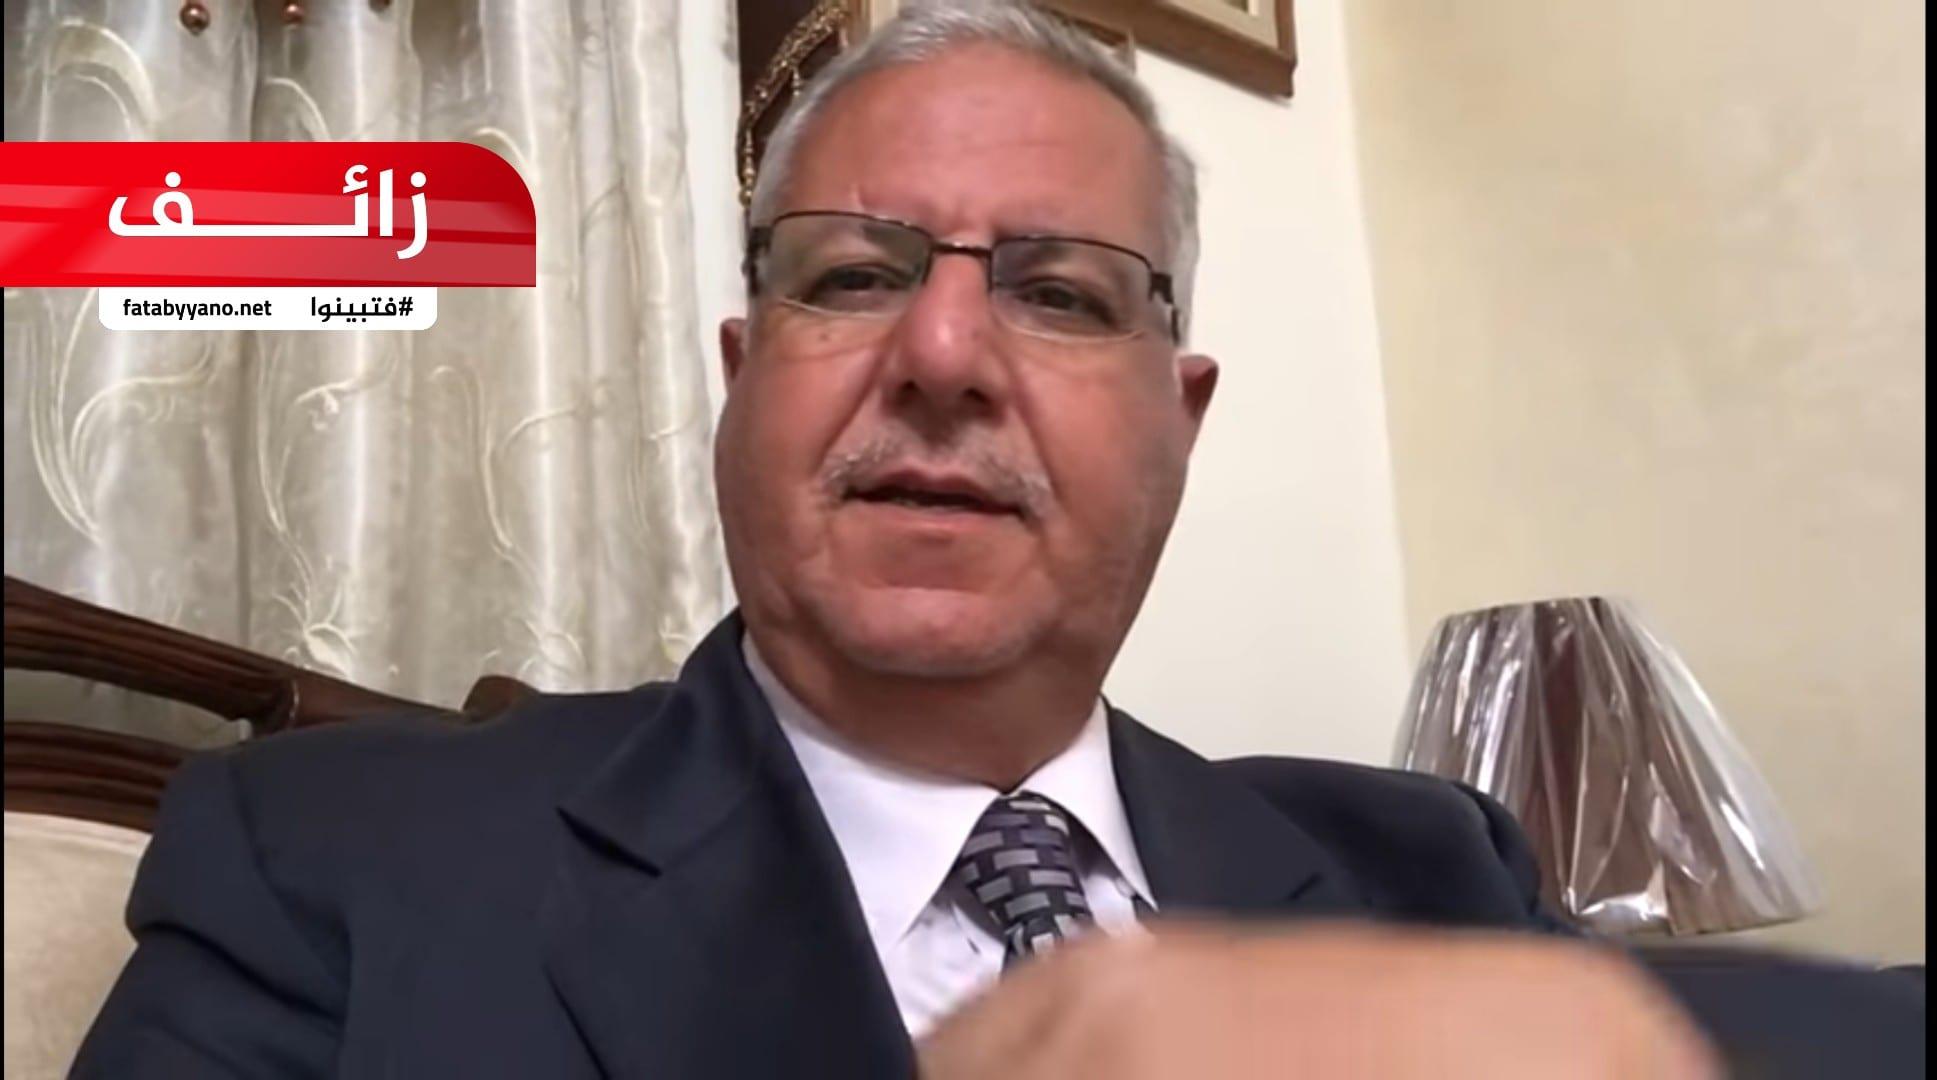 وزير الصحة الأردني يفجرهاةشجاعة كورونا مؤامرة